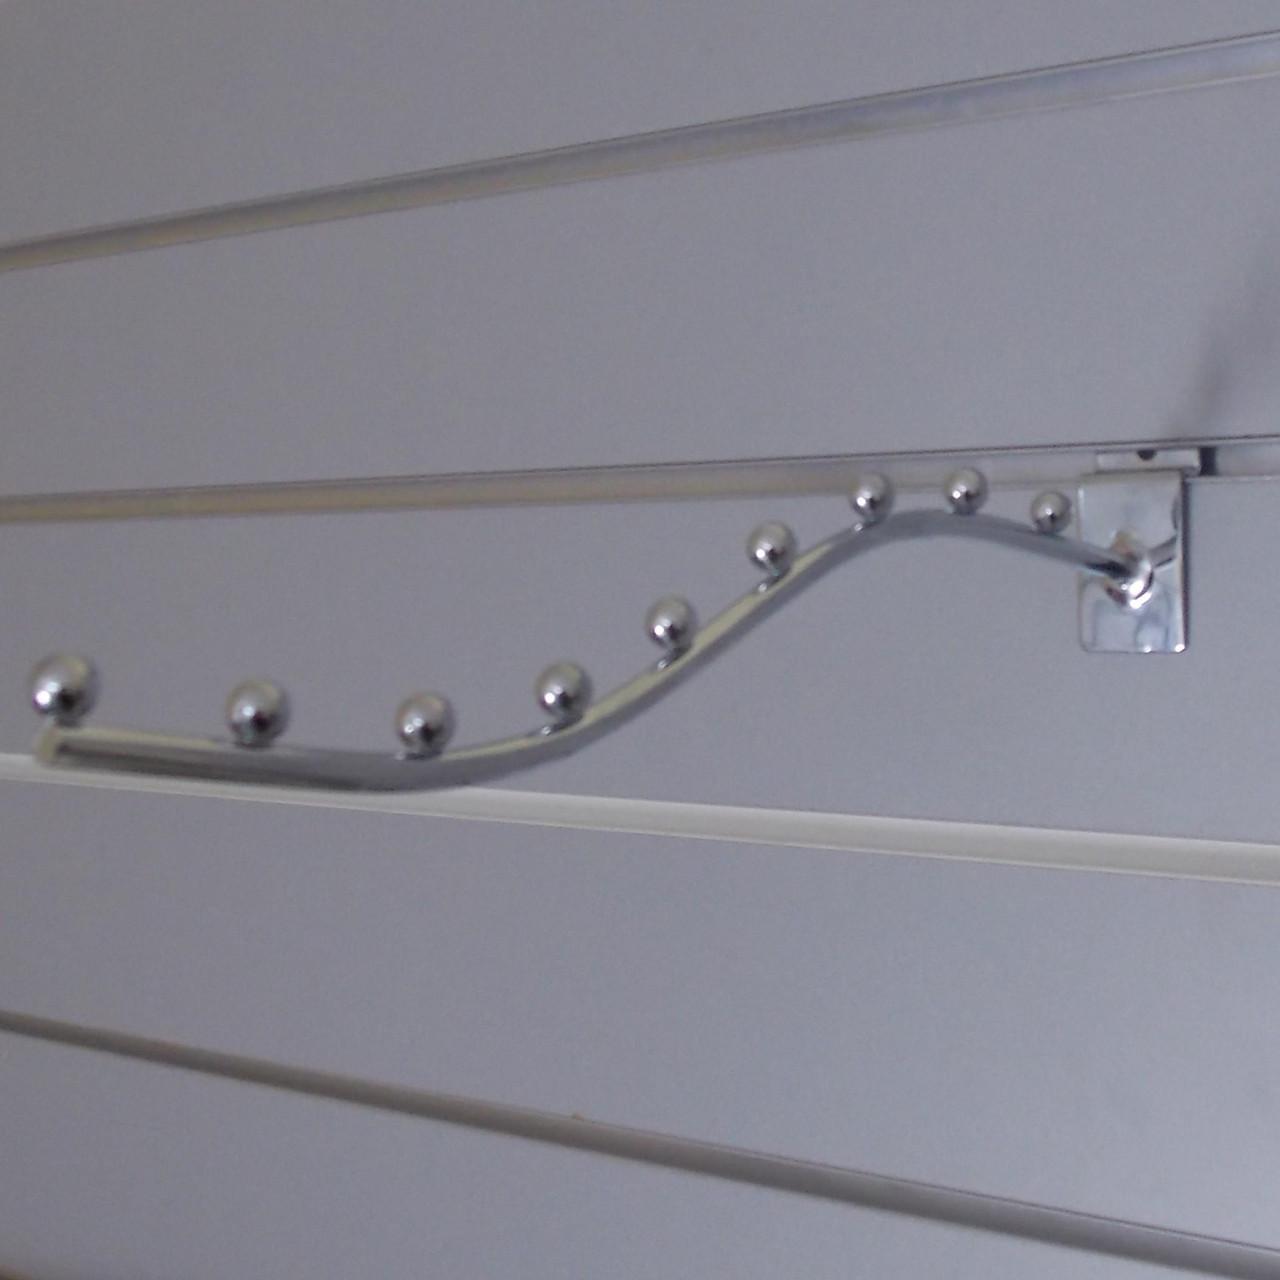 Флейта кронштейн хром розміром 350мм в організації економпанель